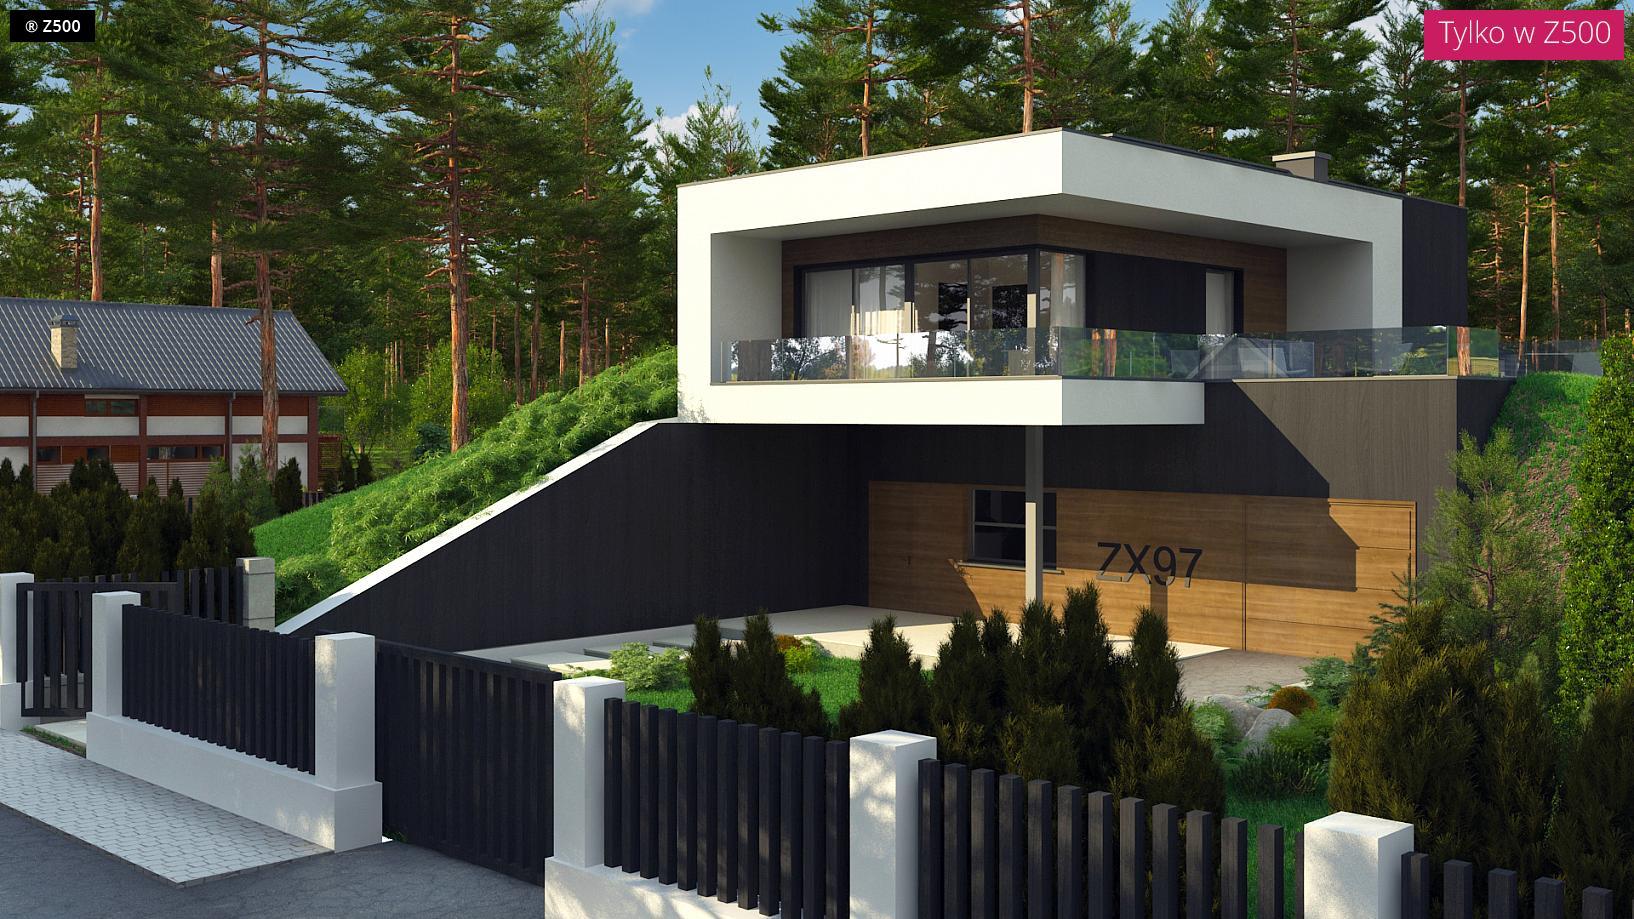 Proyectos de casas casa coru a de dise o moderna - Casas modernas madrid ...